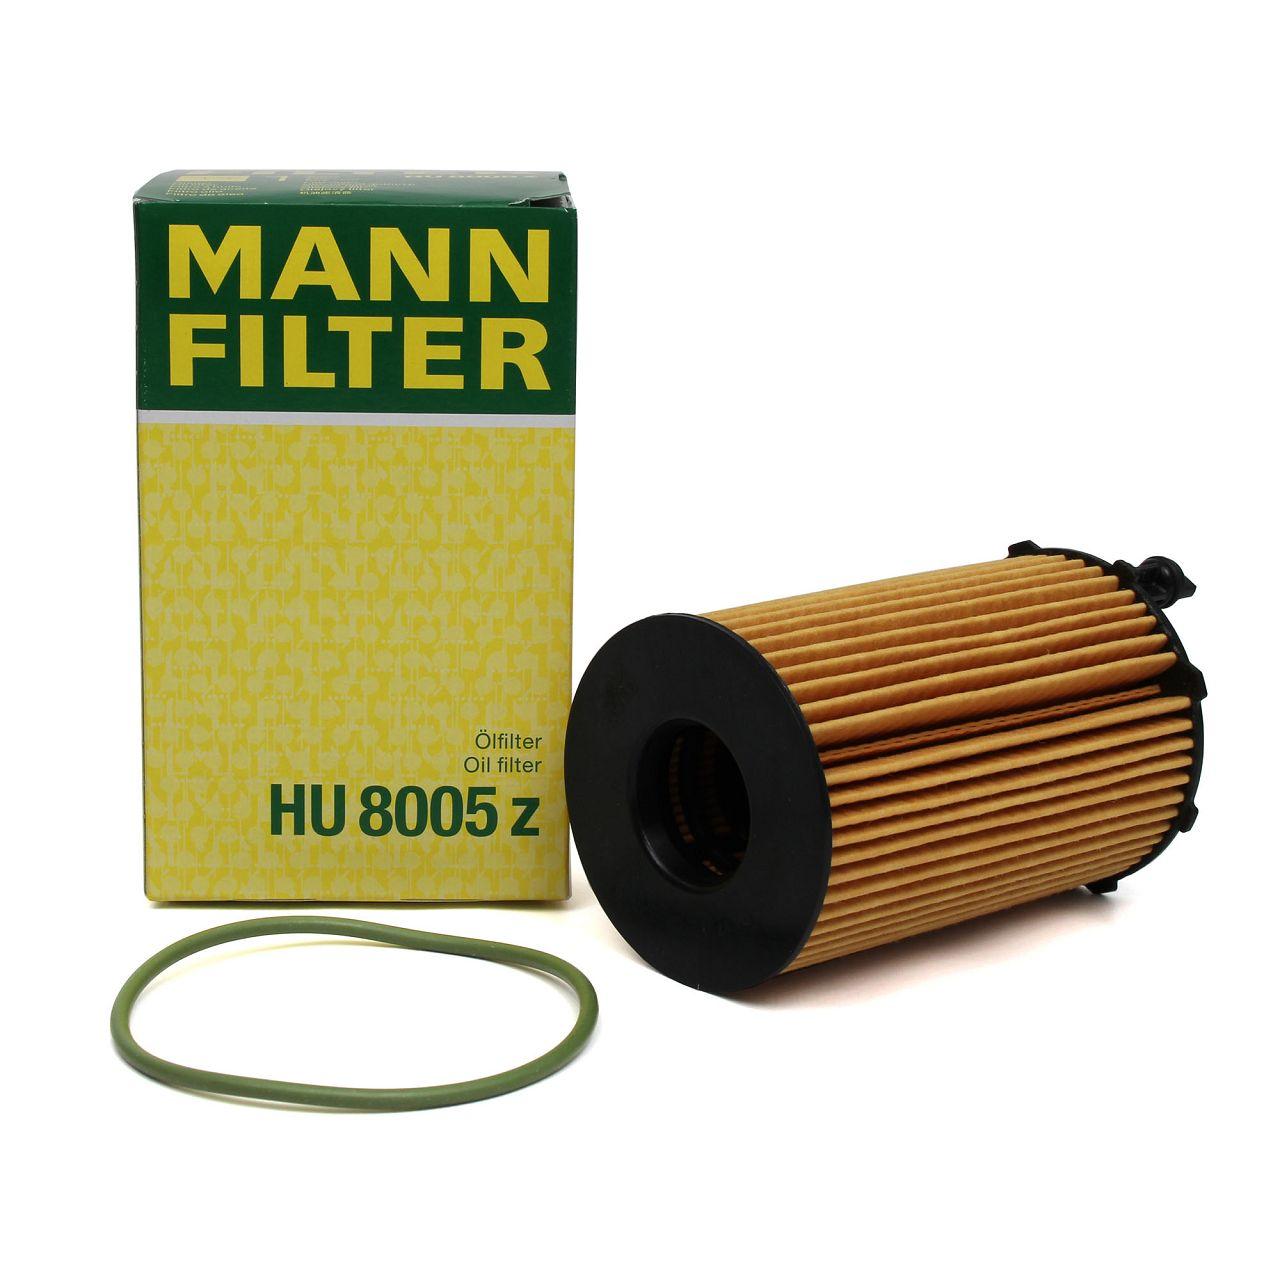 MANN HU8005z Ölfilter für AUDI A4 A5 A6 A7 A8 Q5 Q7 VW TOUAREG (7P5) 3.0 TDI